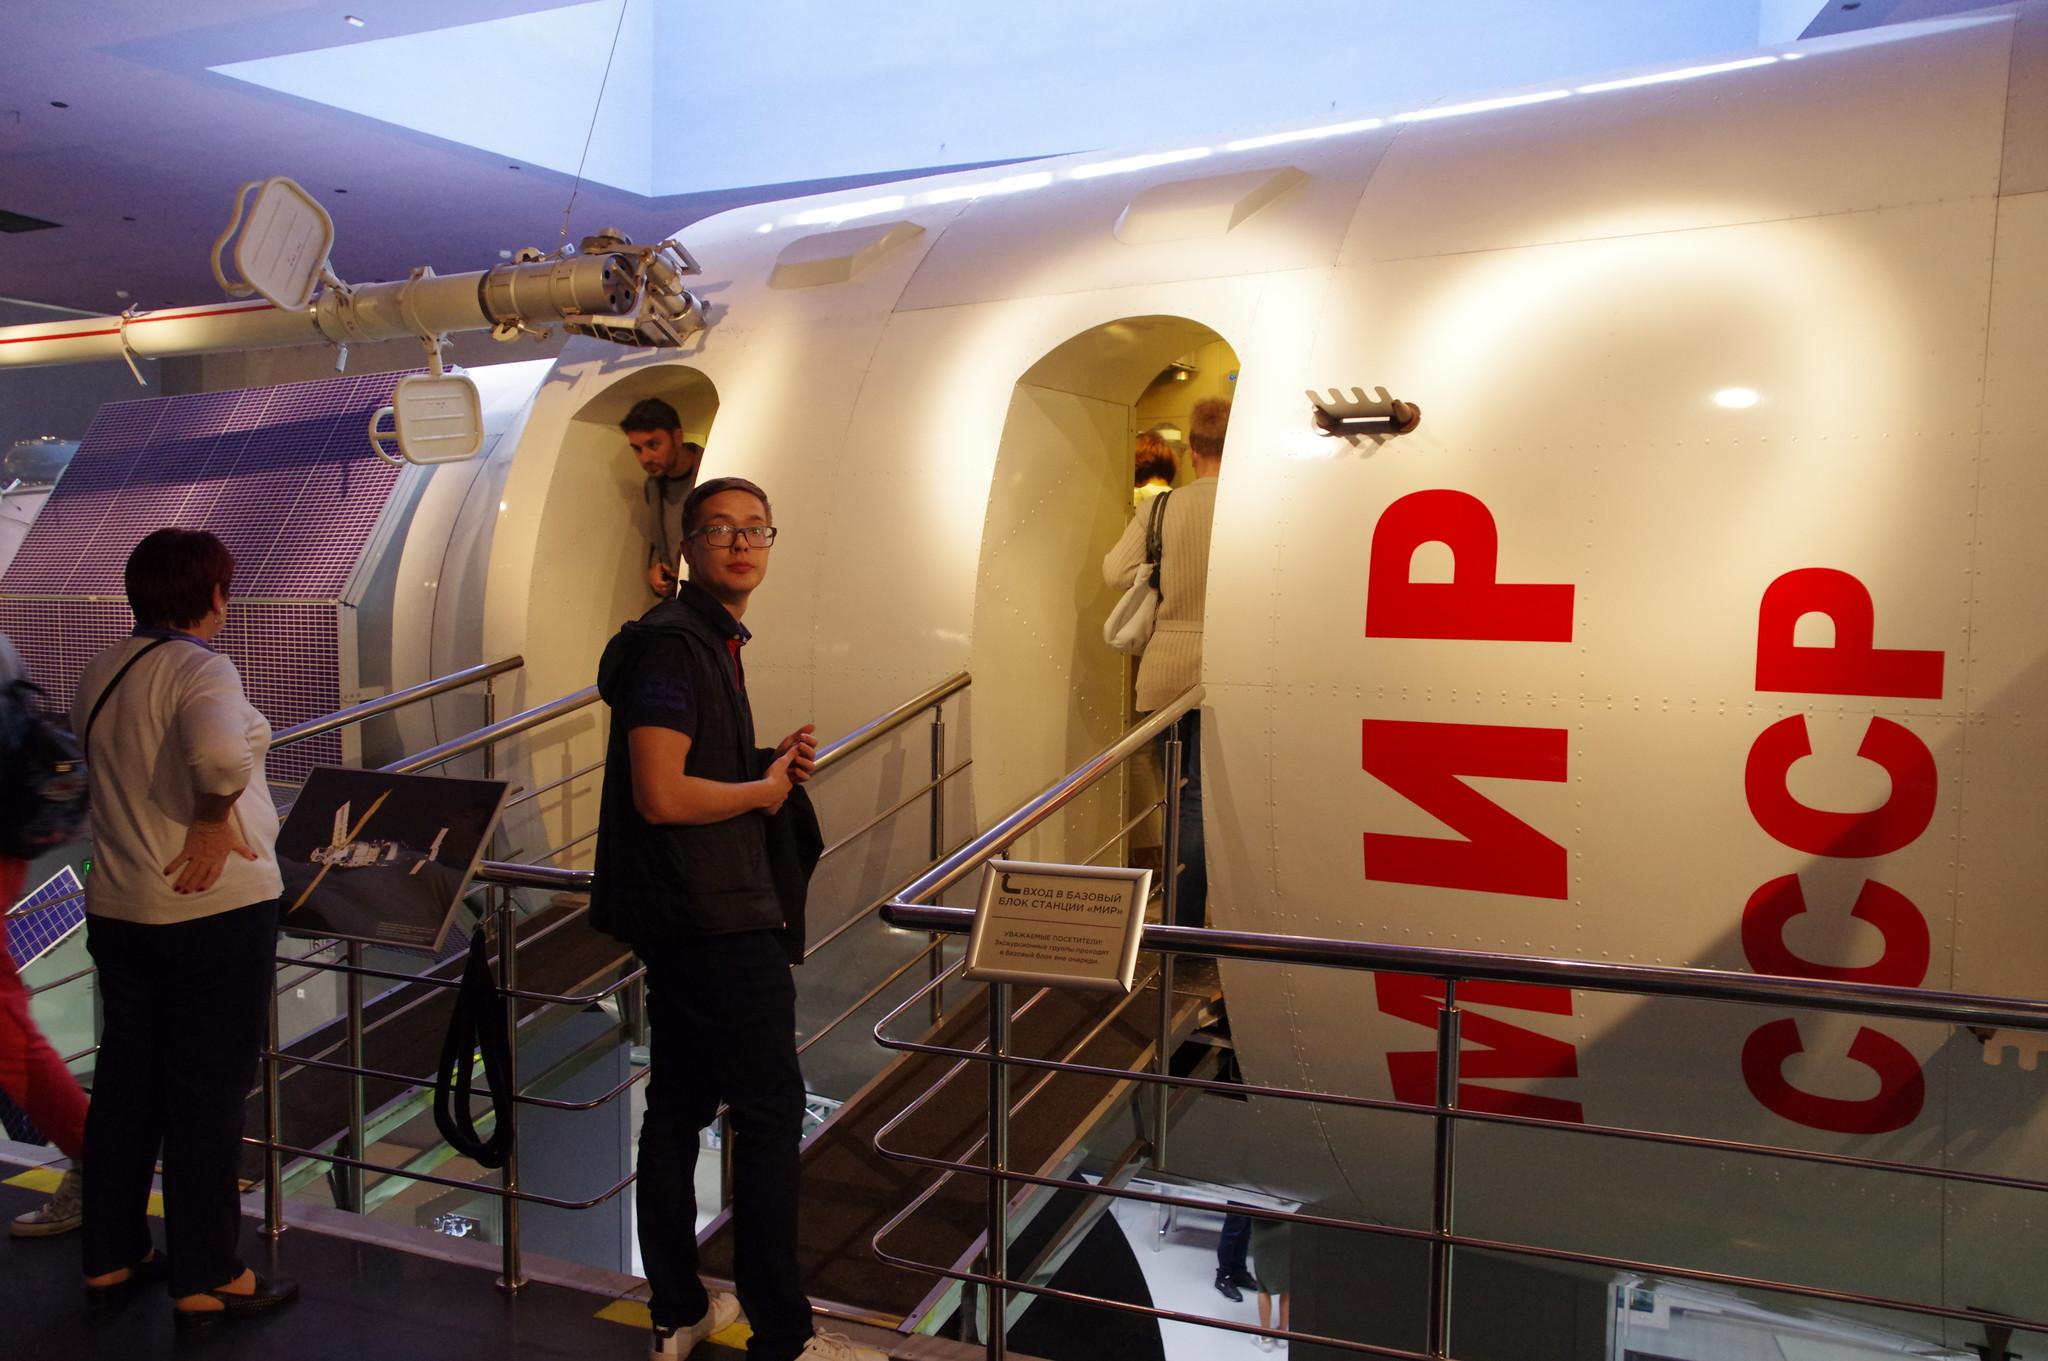 Вход в базовый блок станции «Мир». Мемориальный музей космонавтики (Проспект мира, дом 111)